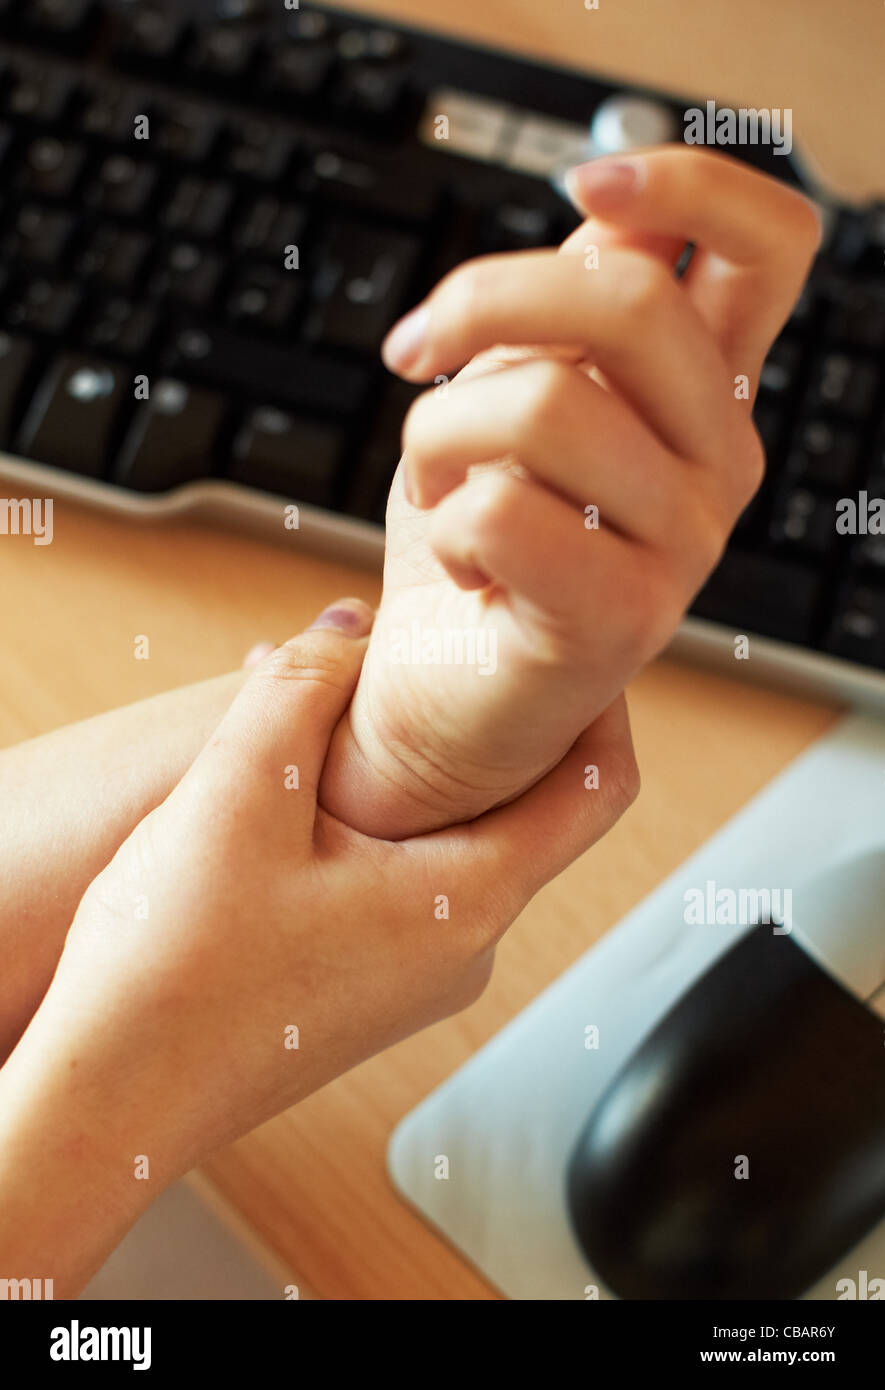 Woman massaging wrist - Stock Image